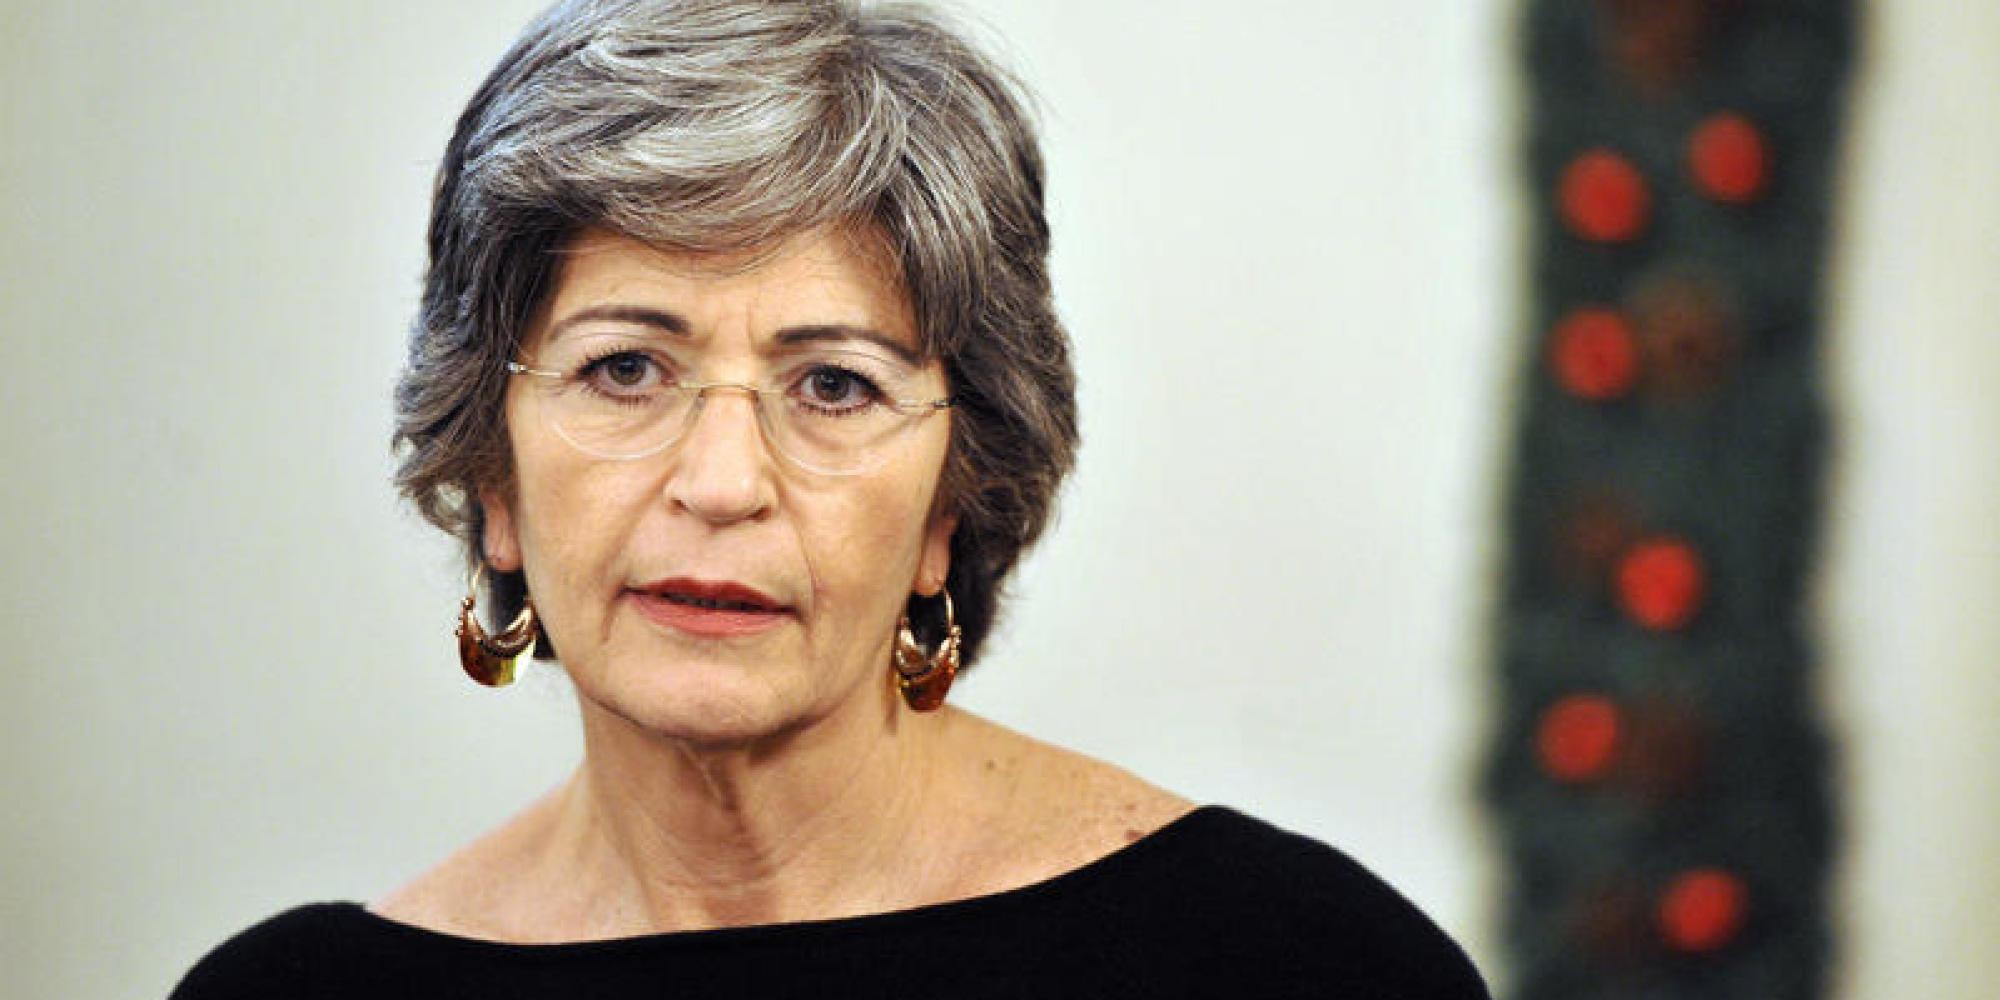 Angela Finocchiaro (born 1955)